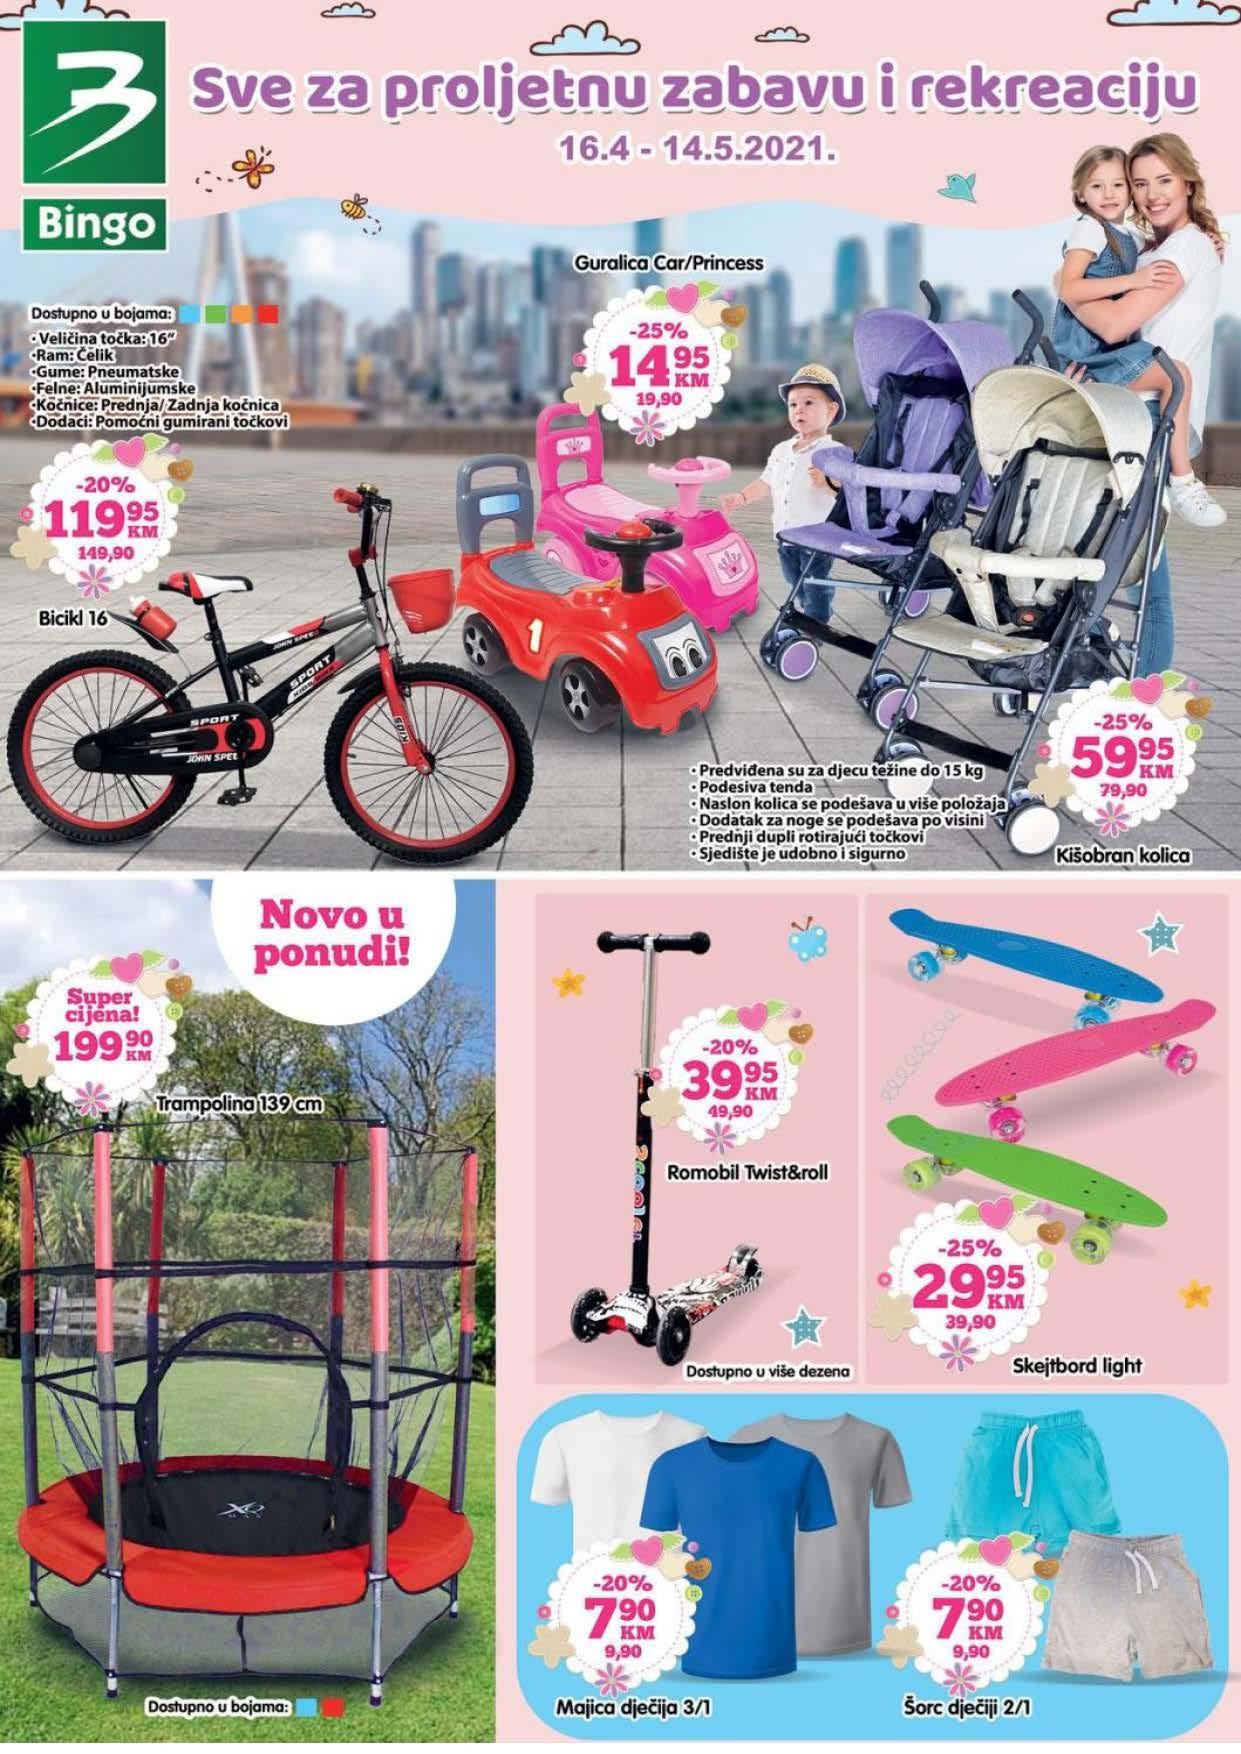 BINGO Katalog Sve za proljetnu zabavu i rekreaciju April i MAJ 2021 16.04. 14.05.2021. Page 01 1